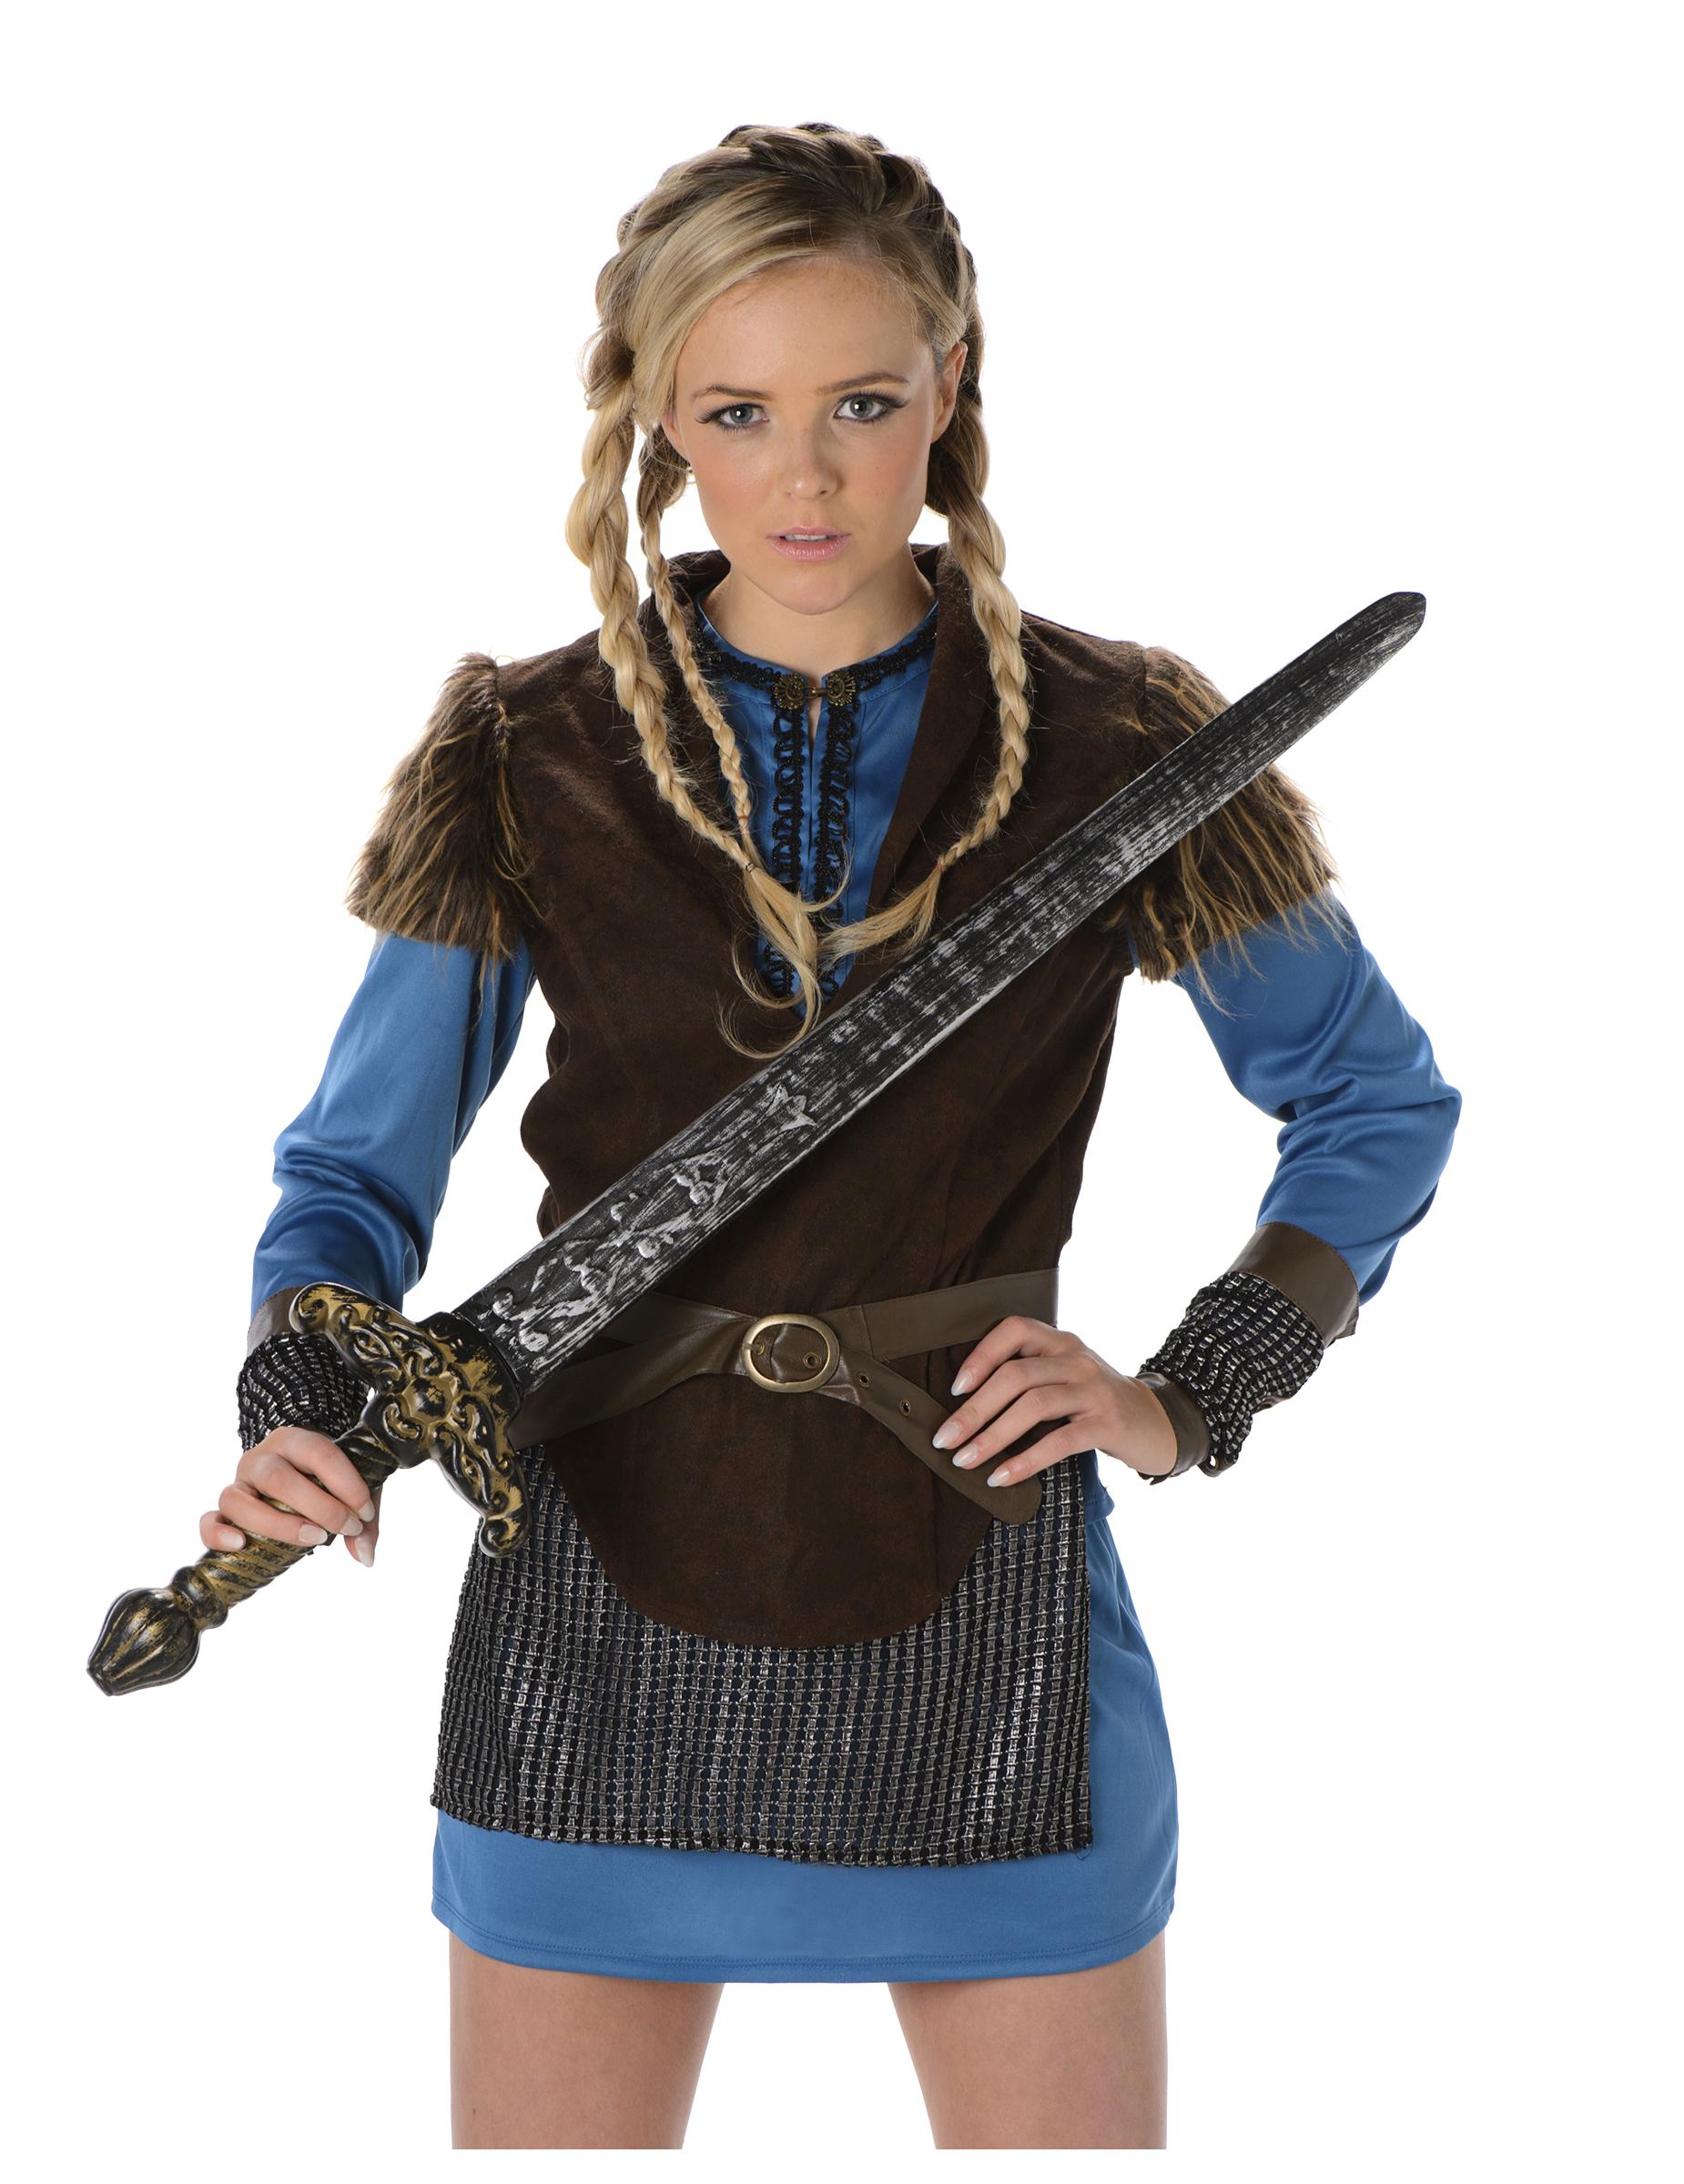 d guisement viking bleu femme deguise toi achat de d guisements adultes. Black Bedroom Furniture Sets. Home Design Ideas